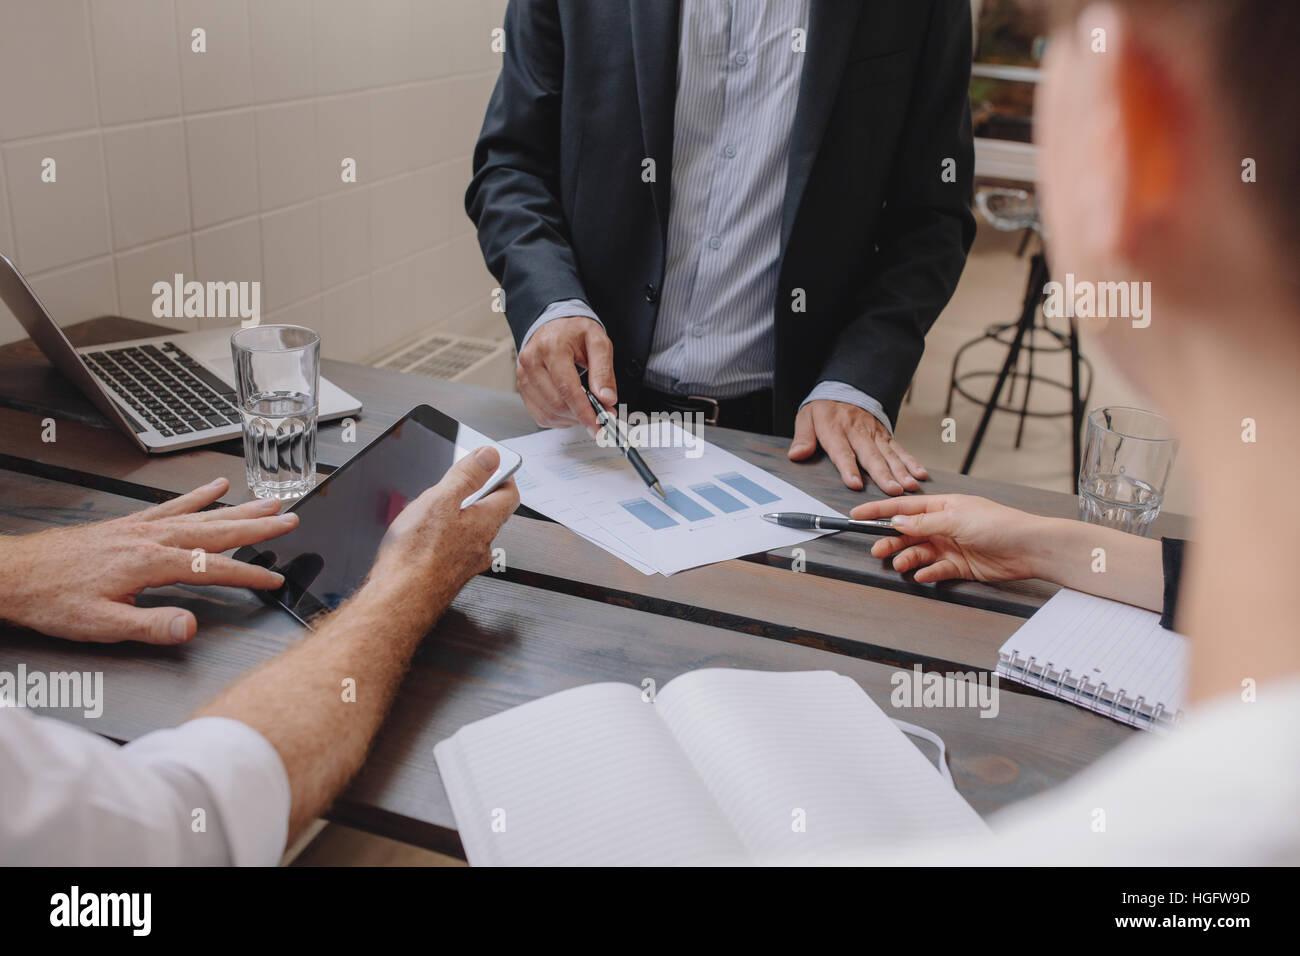 Primer plano del equipo de profesionales que se reunión con la tableta digital y gráficos. Gente discutiendo Imagen De Stock